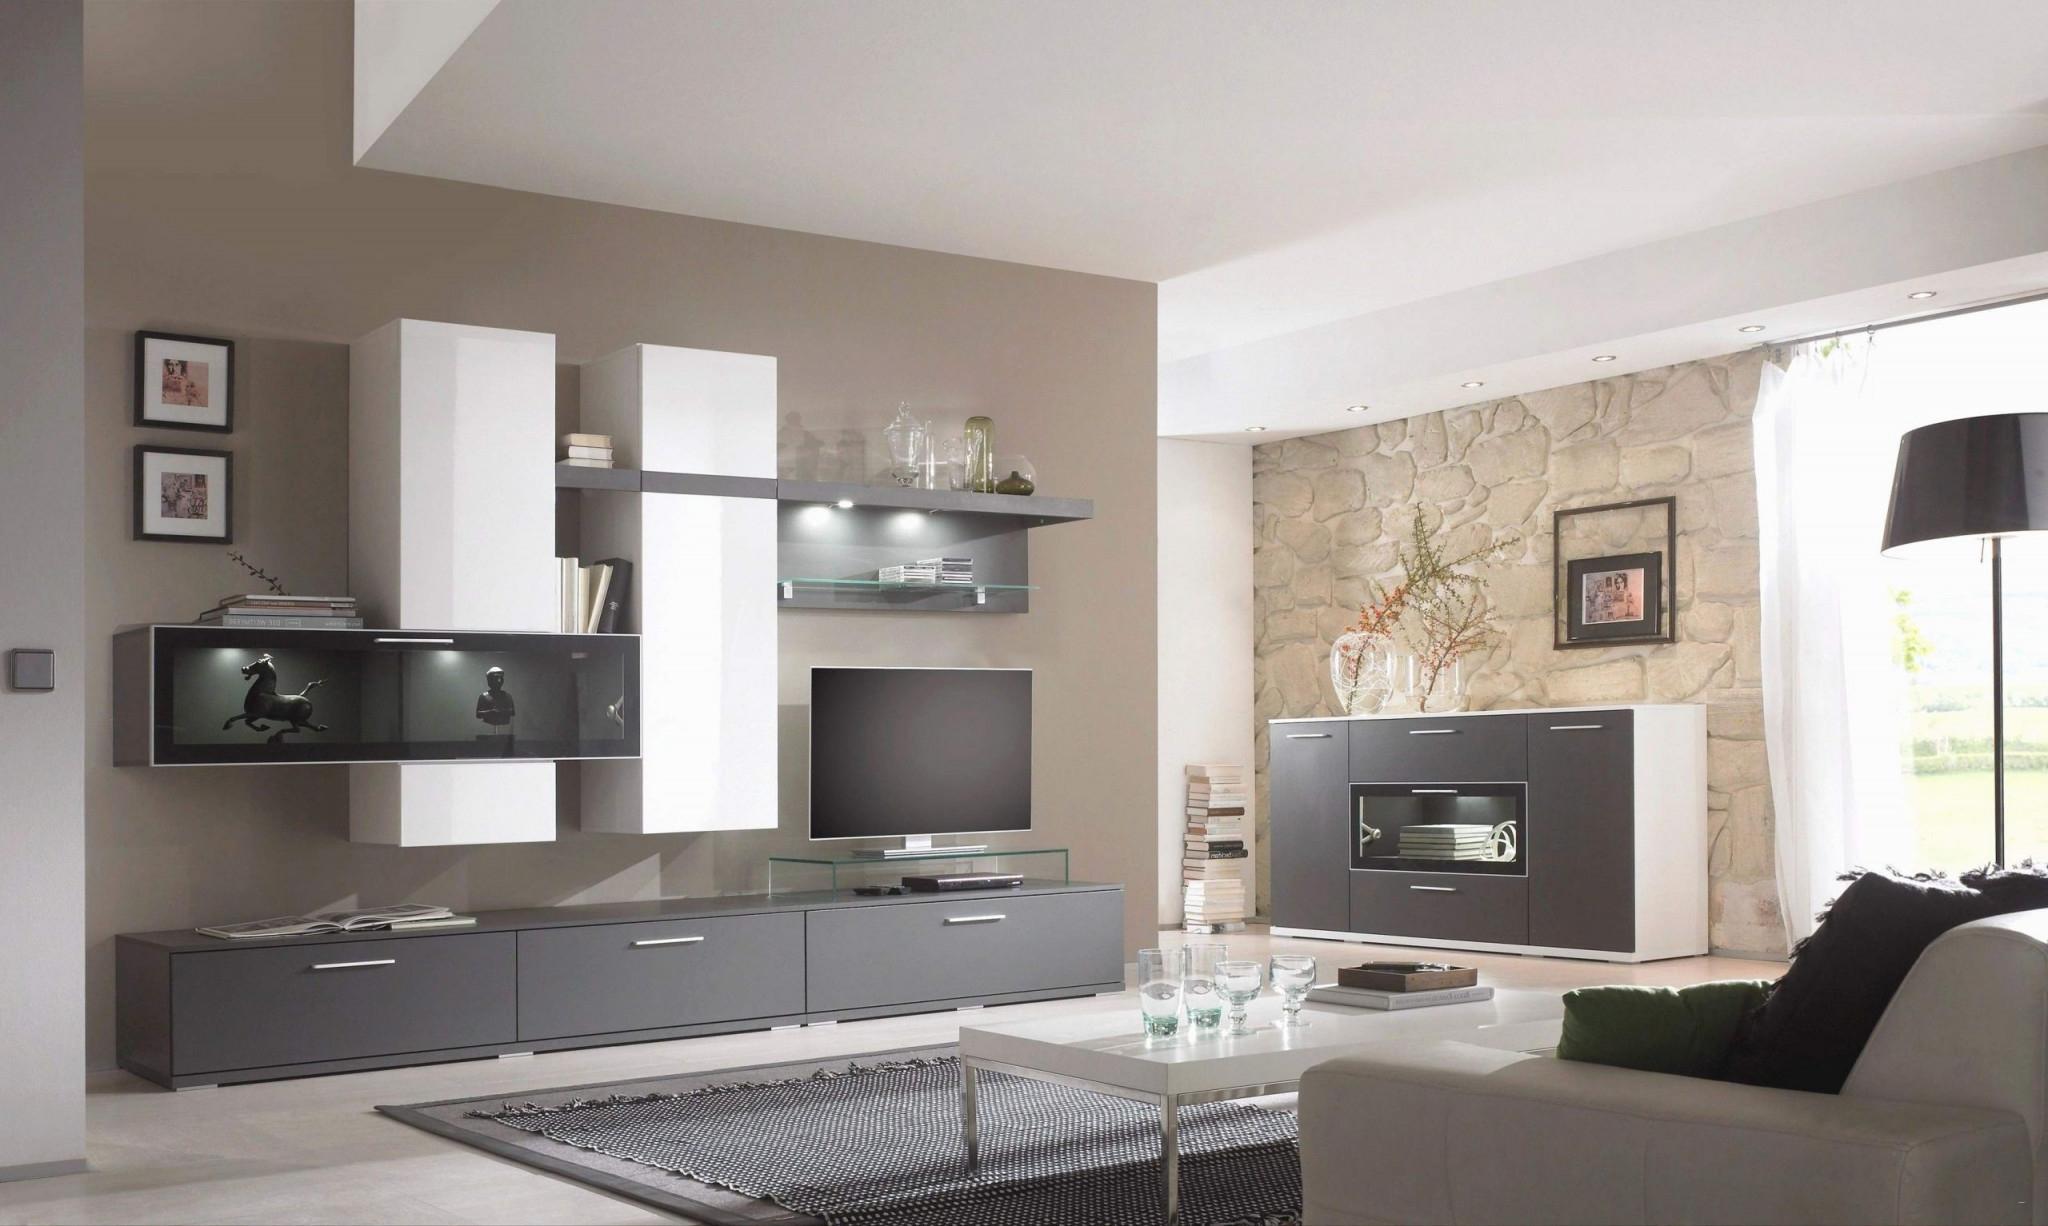 40 Genial Wohnzimmer Farblich Gestalten Das Beste Von von Wohnzimmer Farbig Gestalten Bild